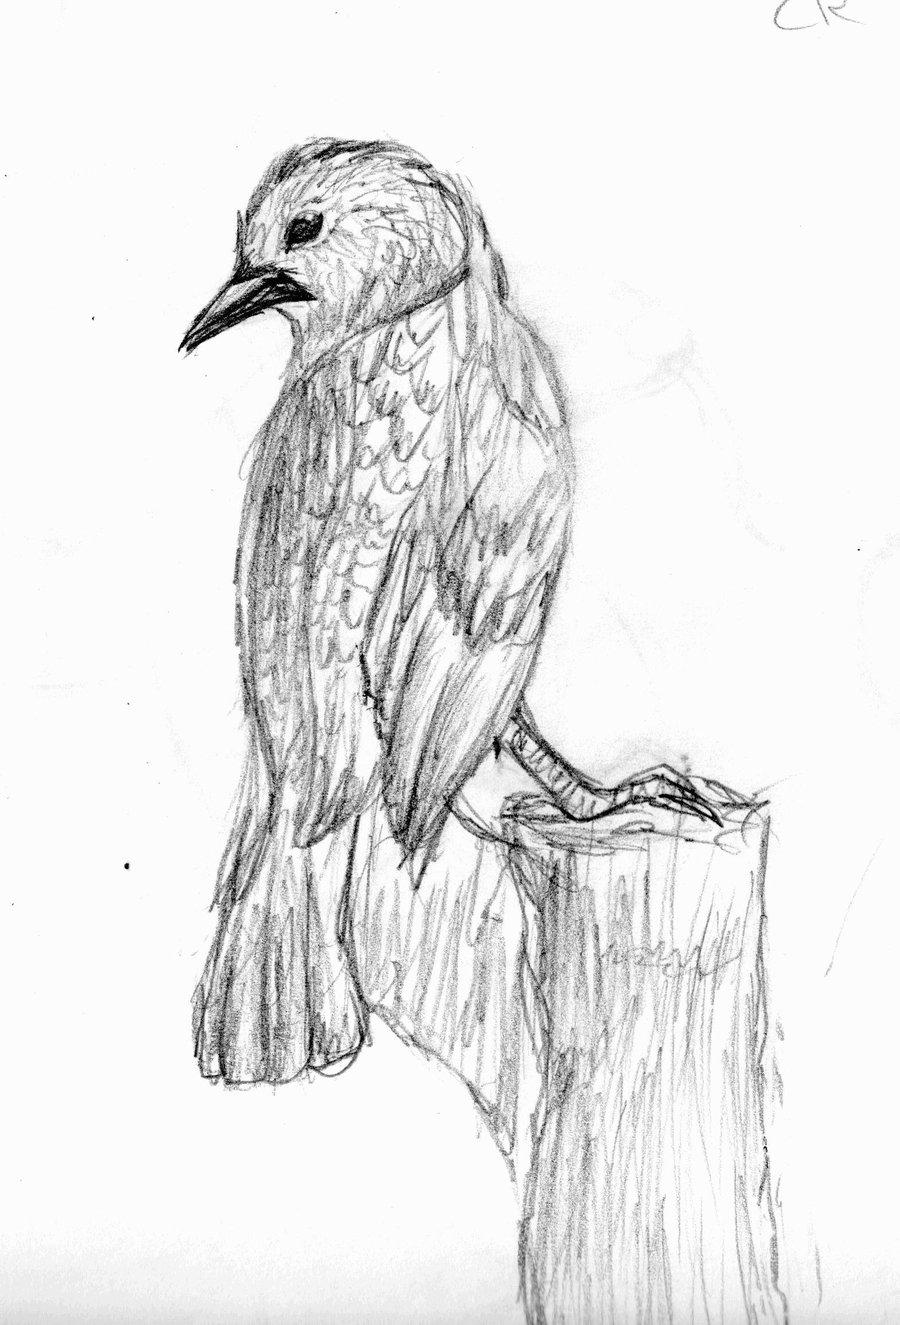 CR Detailed Bird Sketch By Kalina1176 On DeviantArt